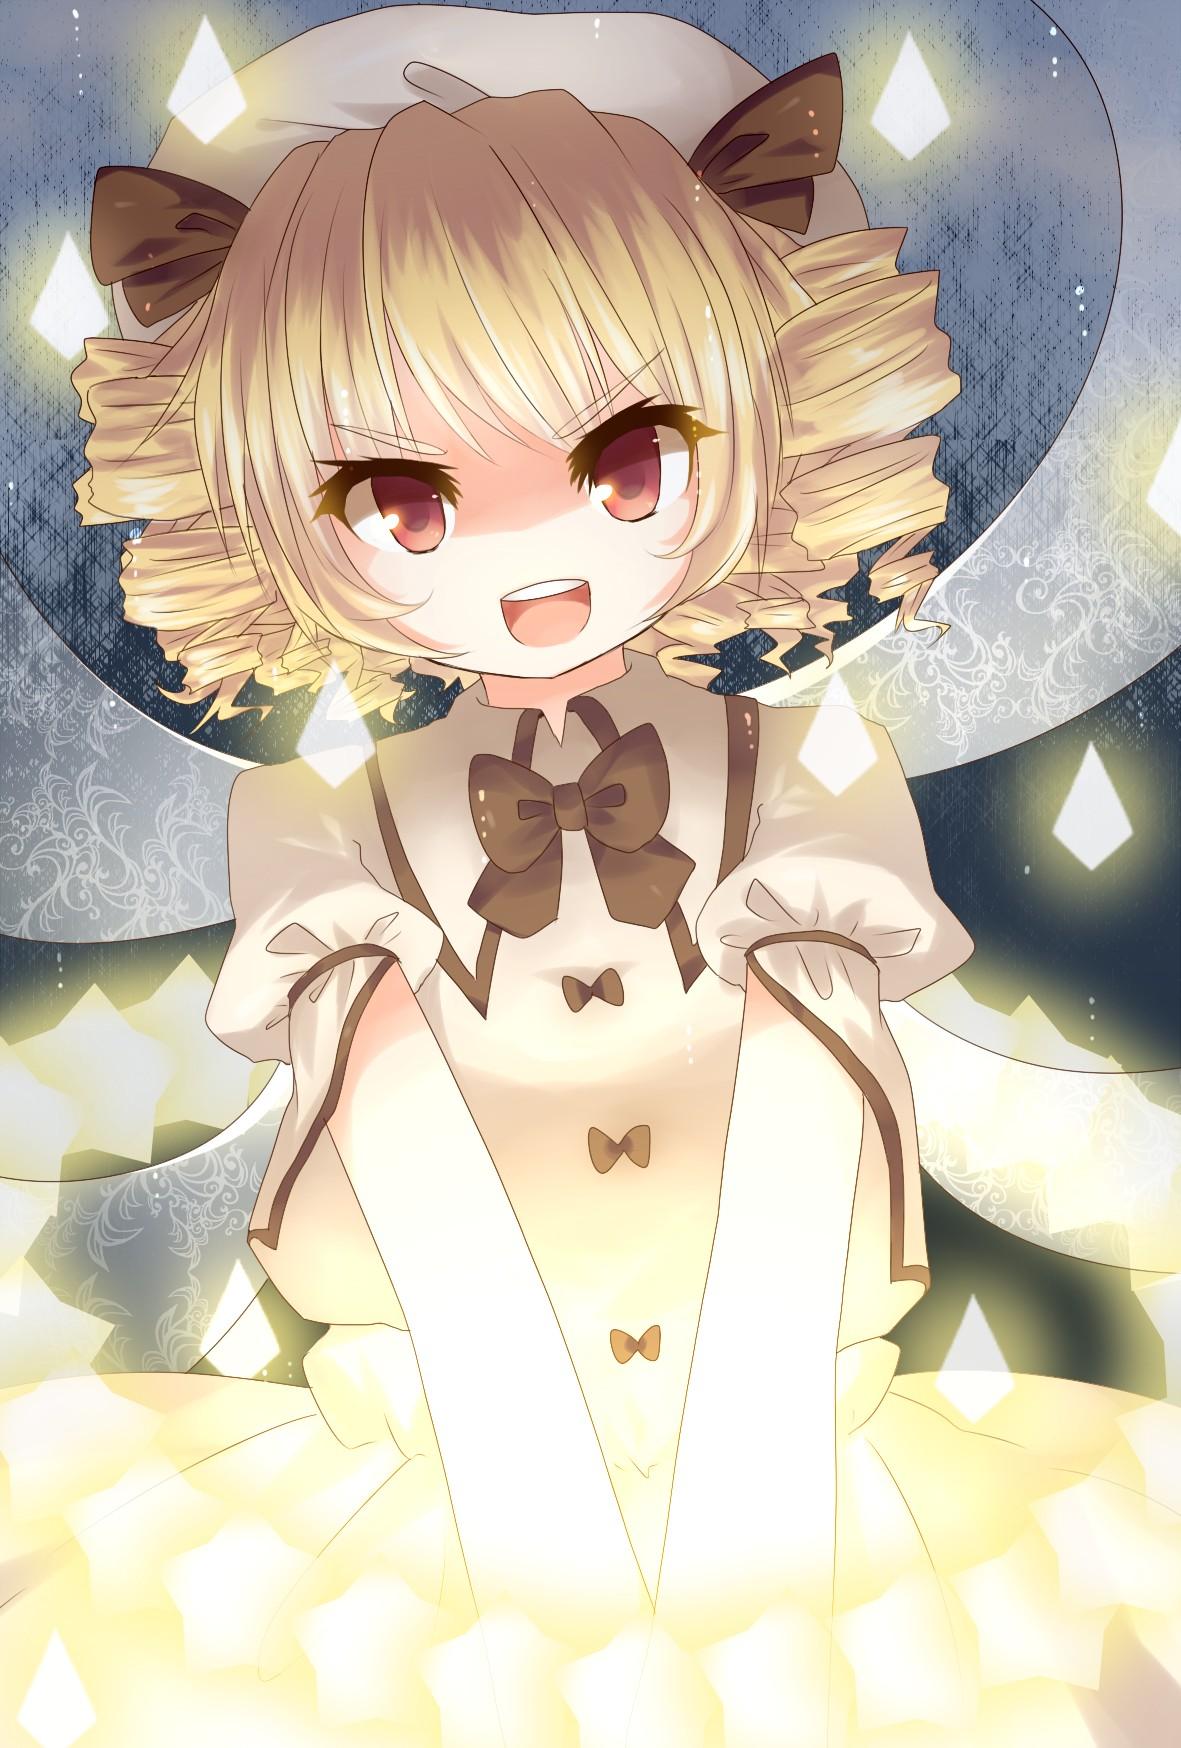 XXX Image Okusama ga seitokaichou izumi anime